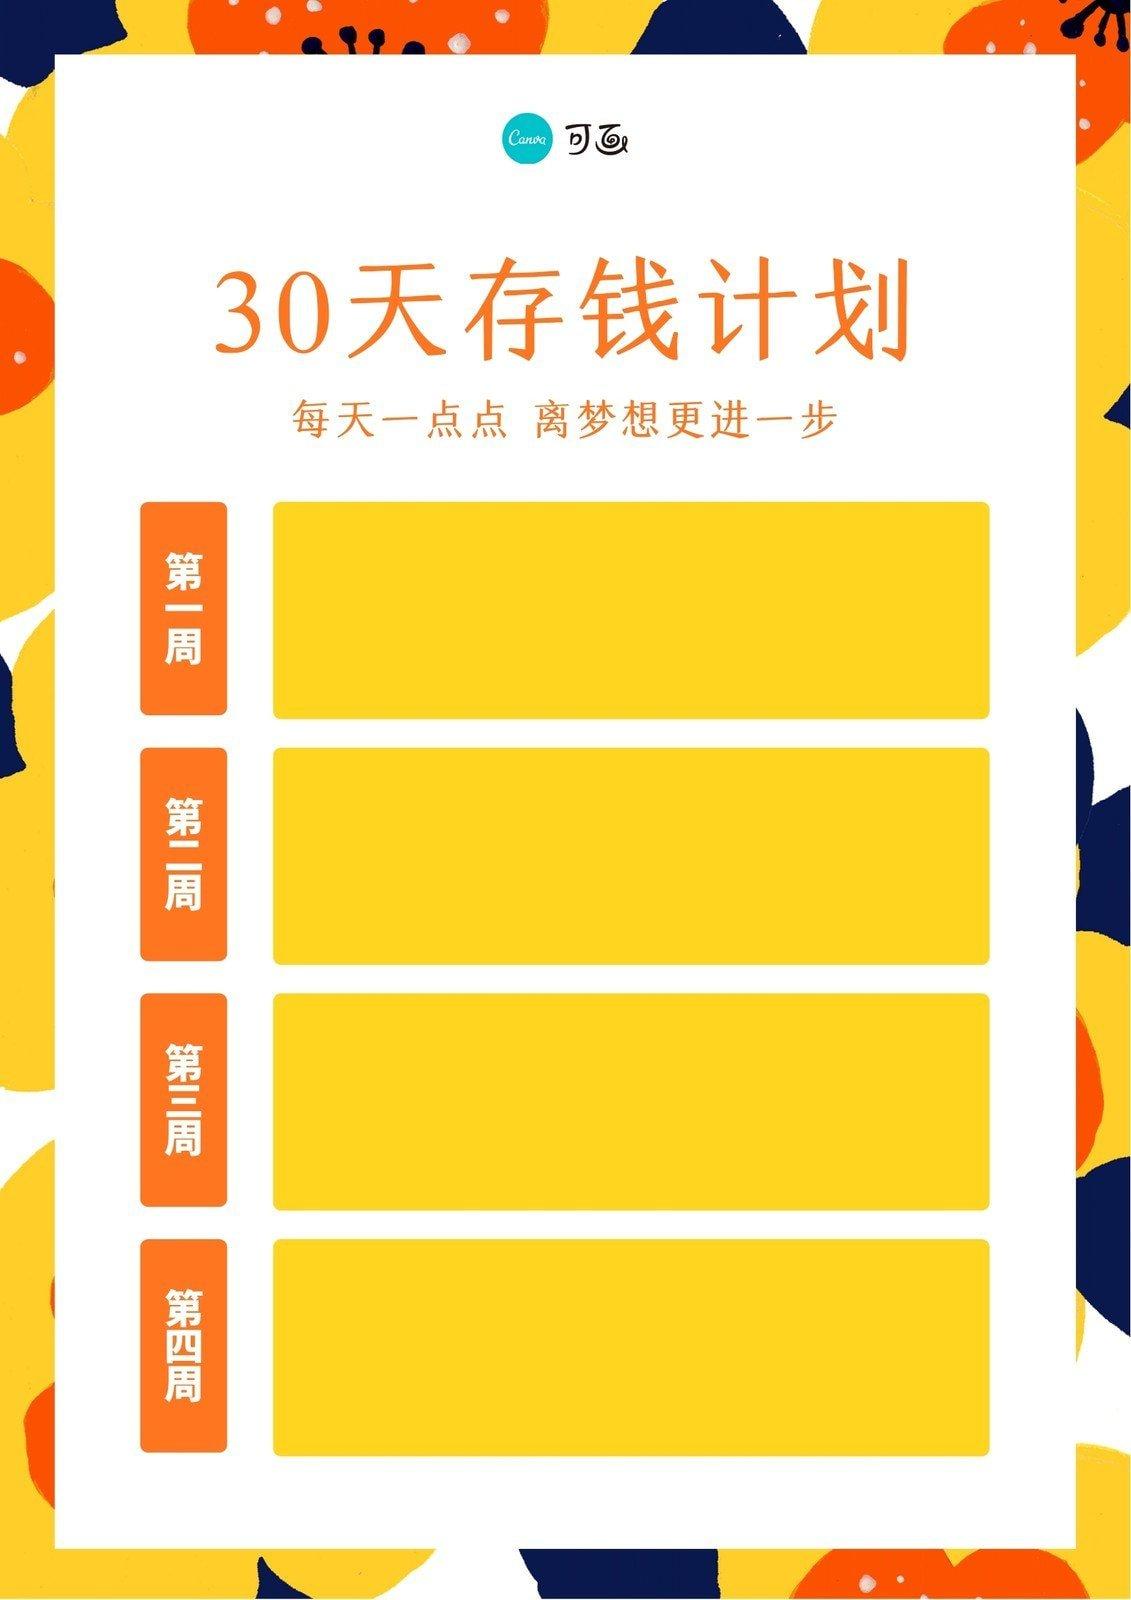 红黄色花卉简洁学校宣传中文课程计划表